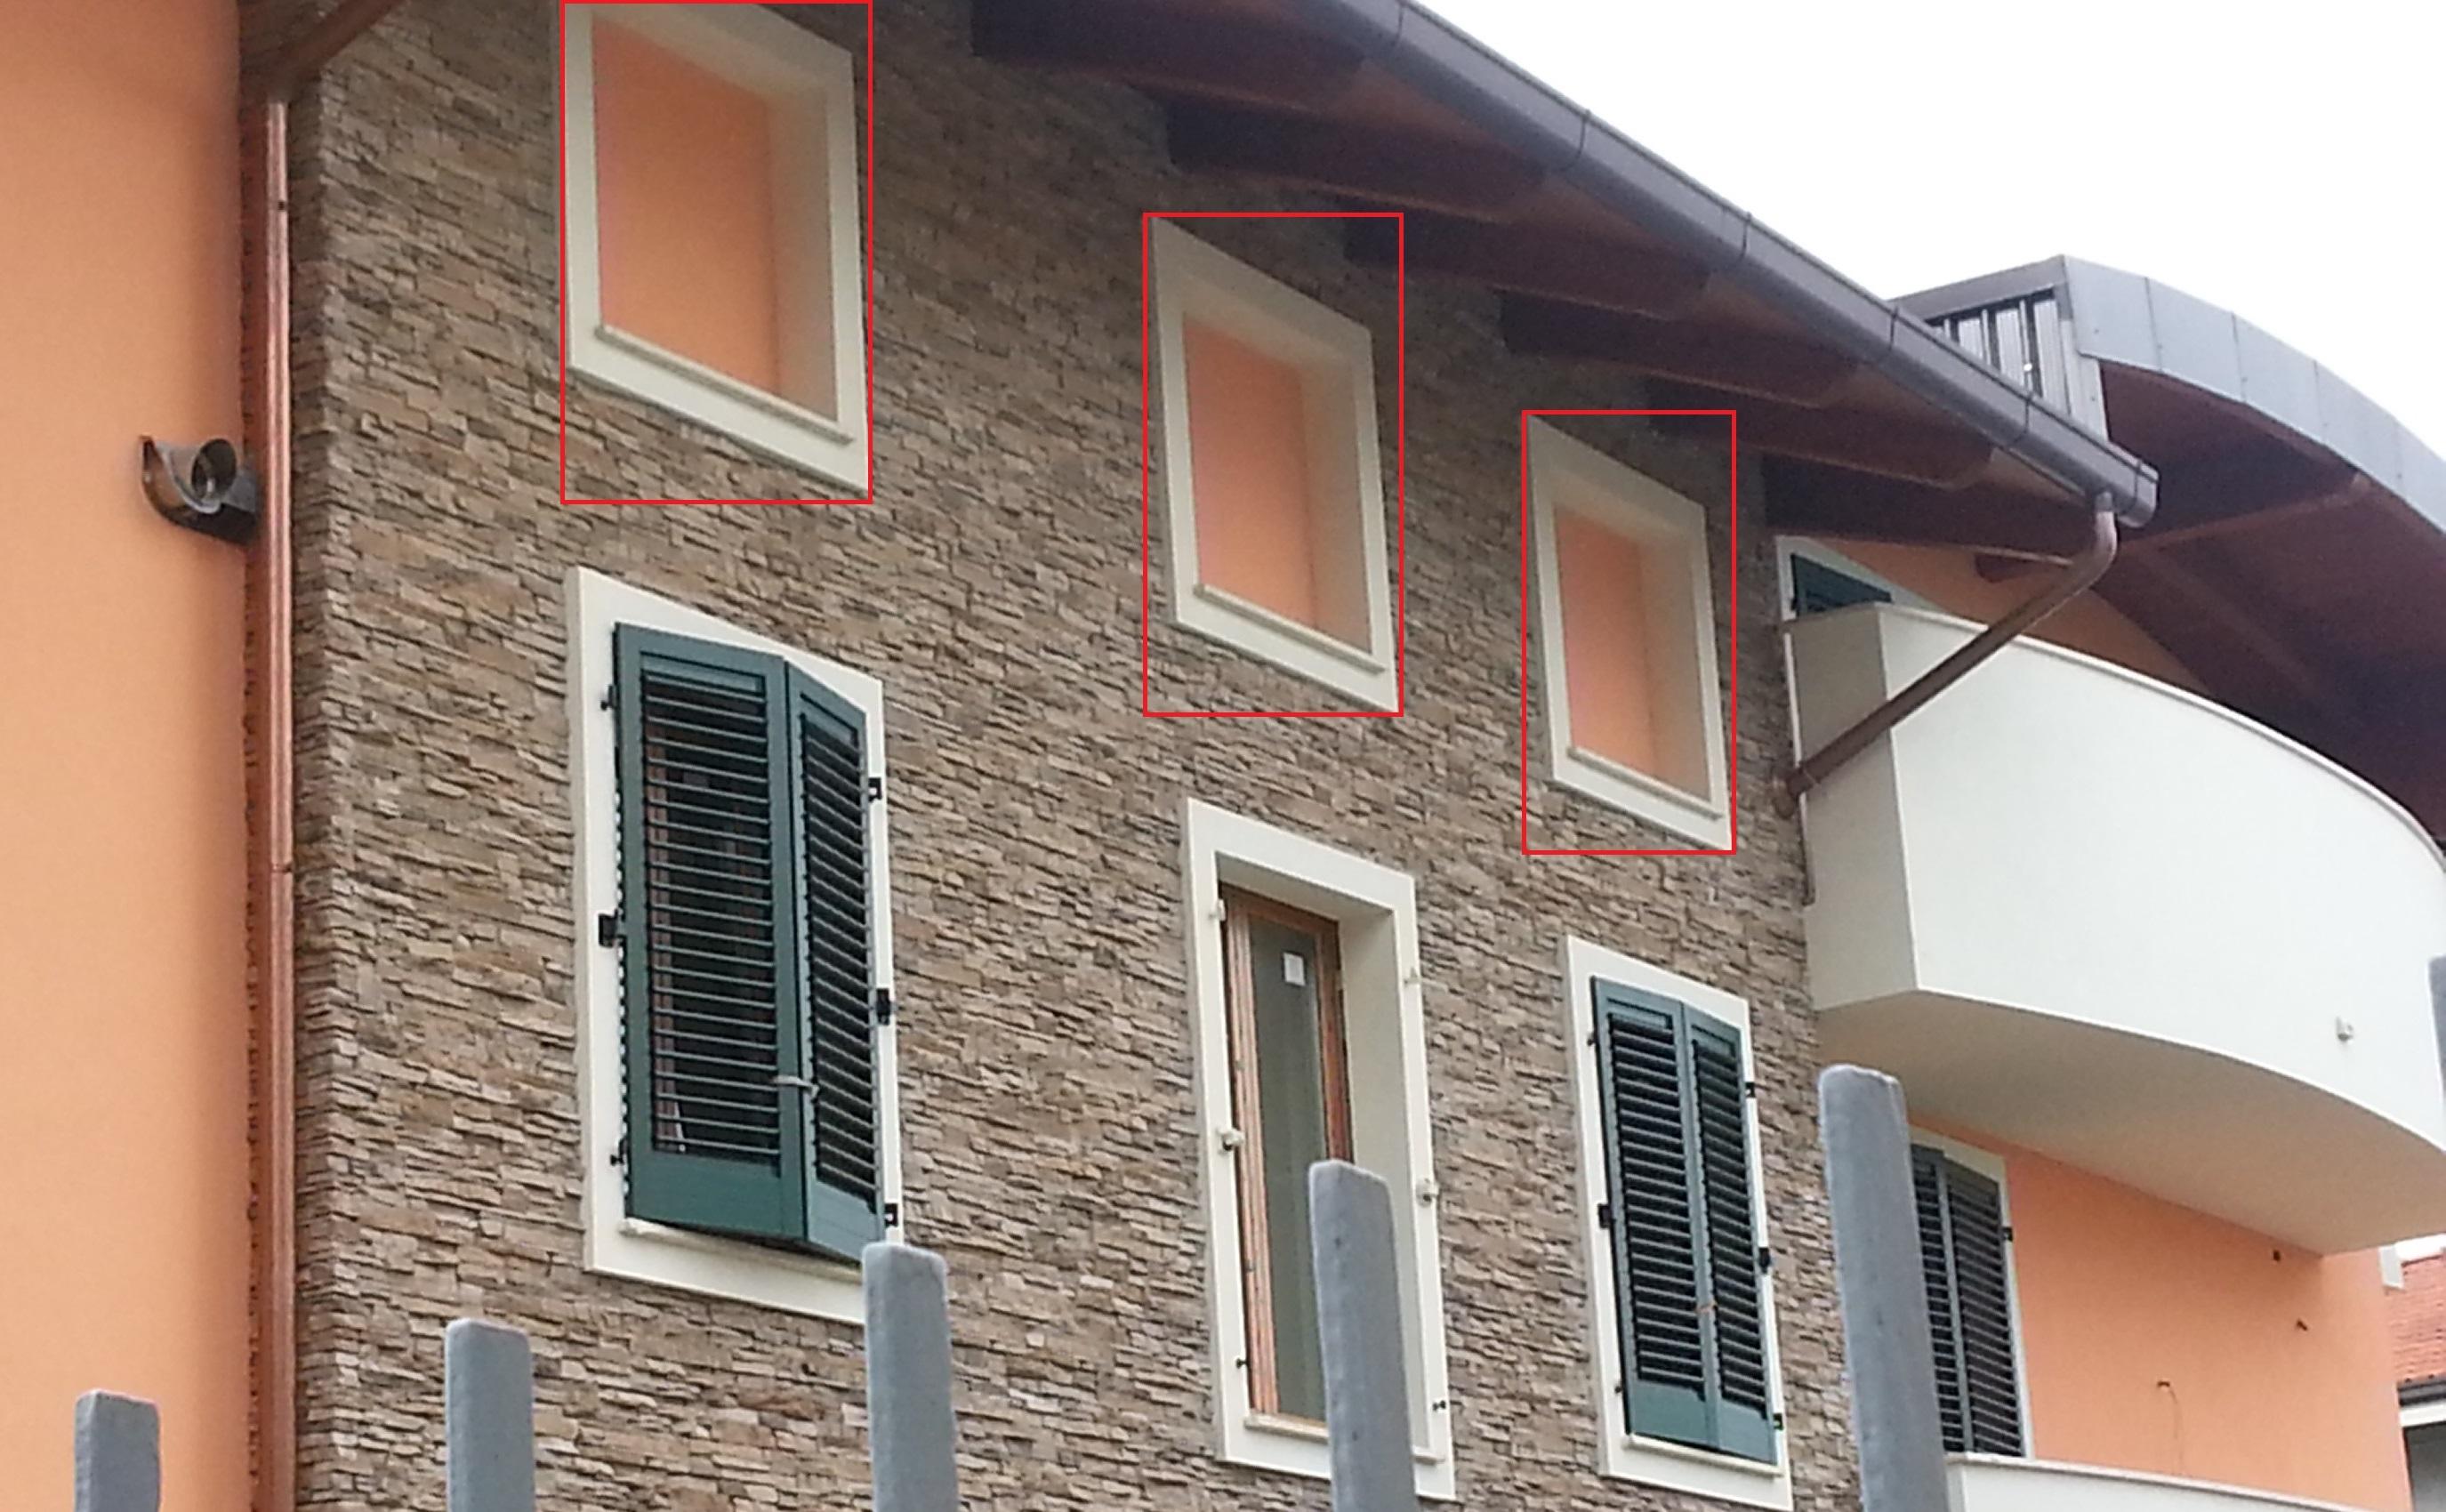 Sanatorie muggi citt perta - Cambio finestre ...